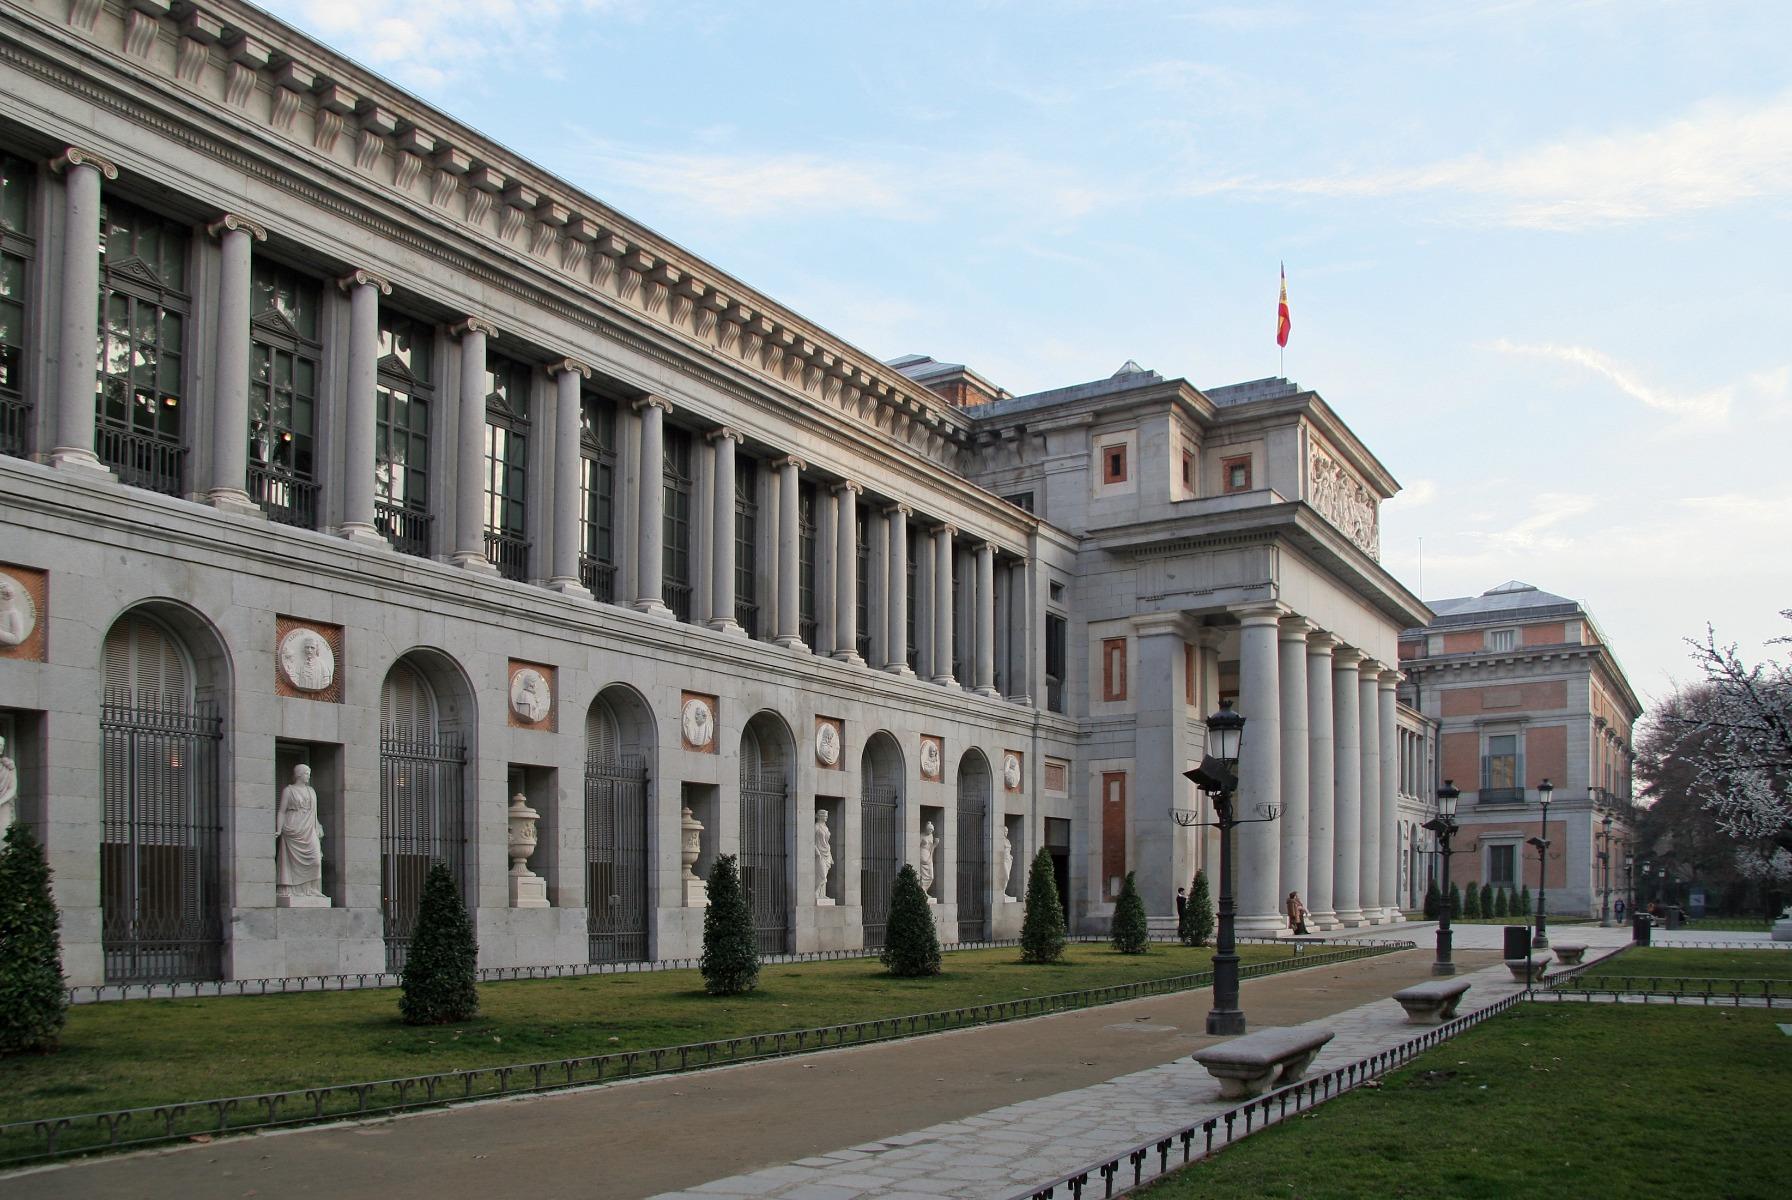 Prado Müzesi: